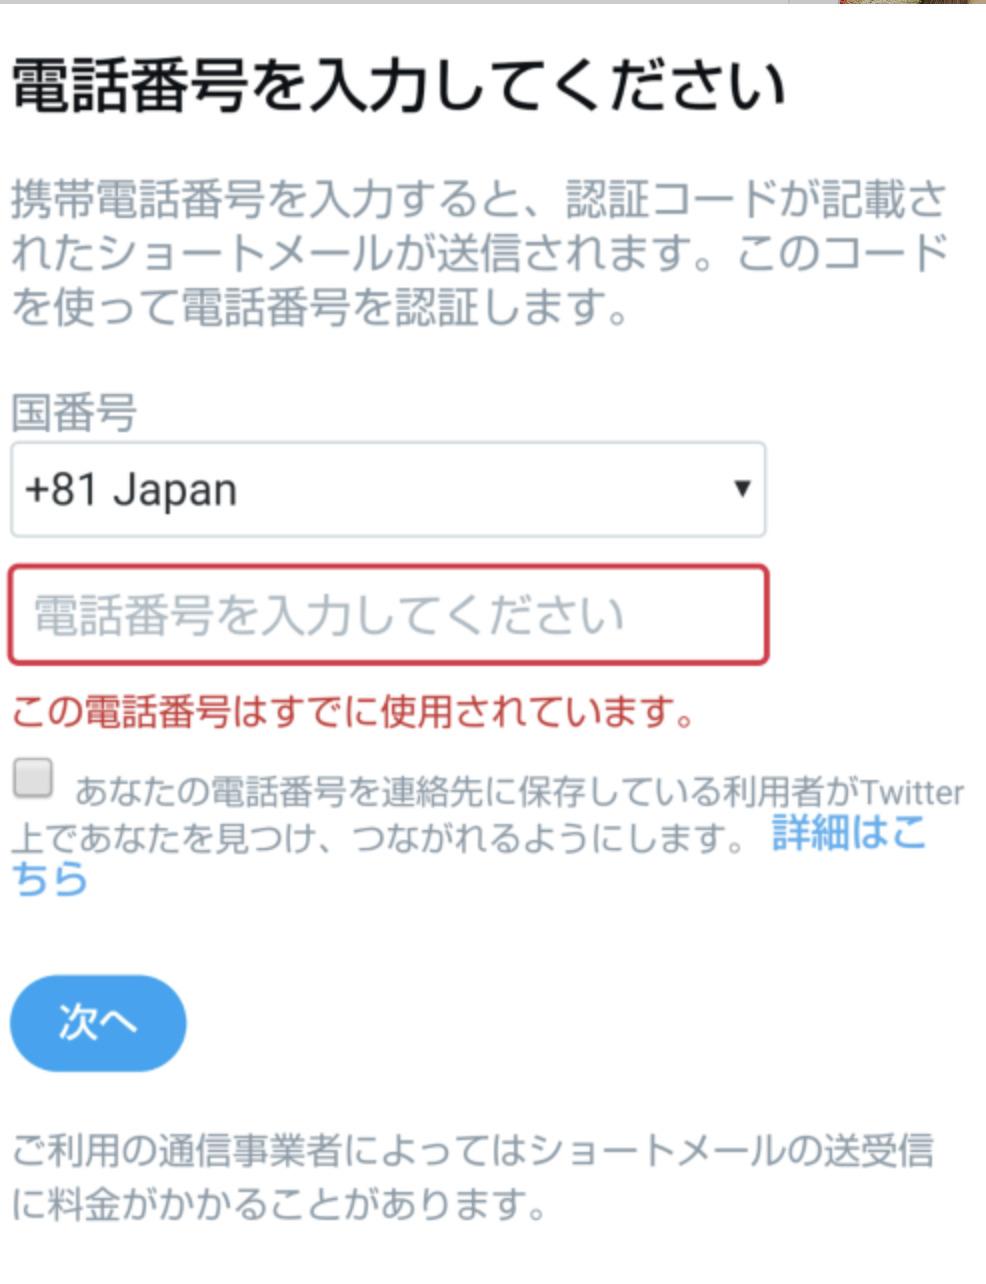 Twitterで「電話番号が使用されています」と表示される例